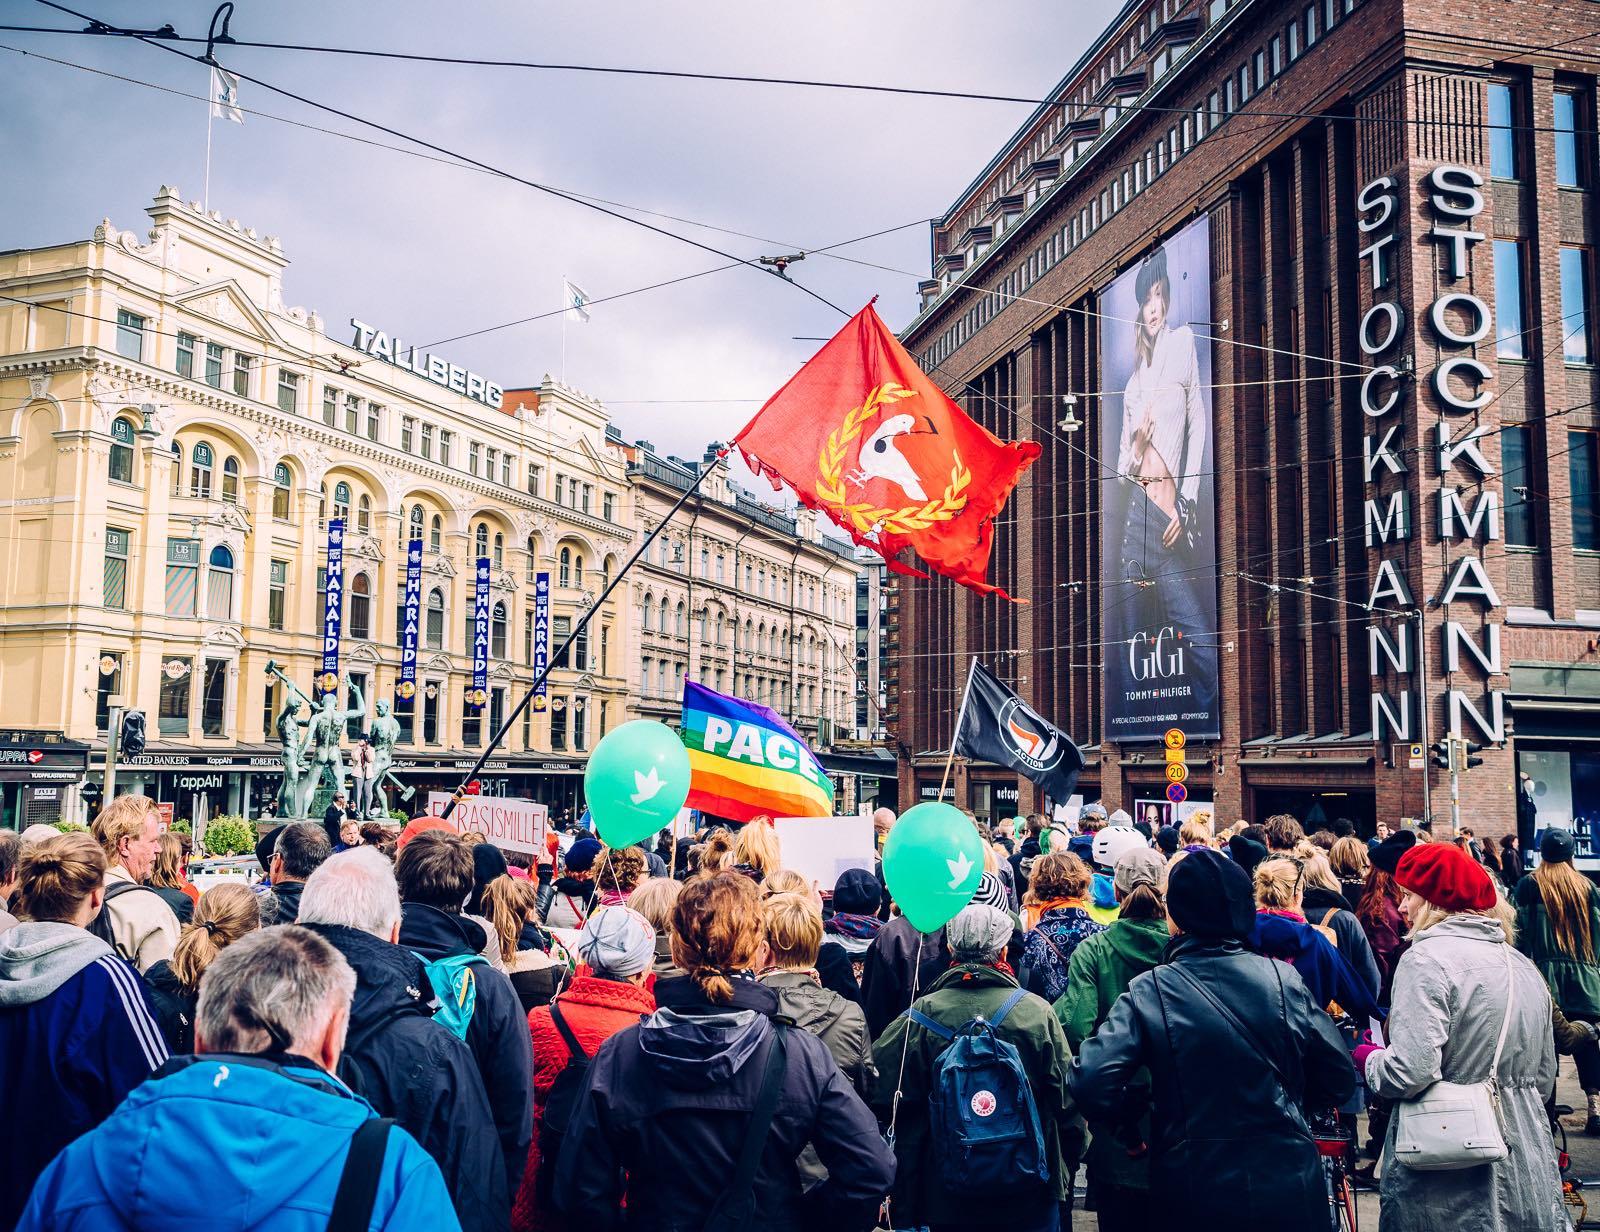 peli-poikki-anti-racist-march-2